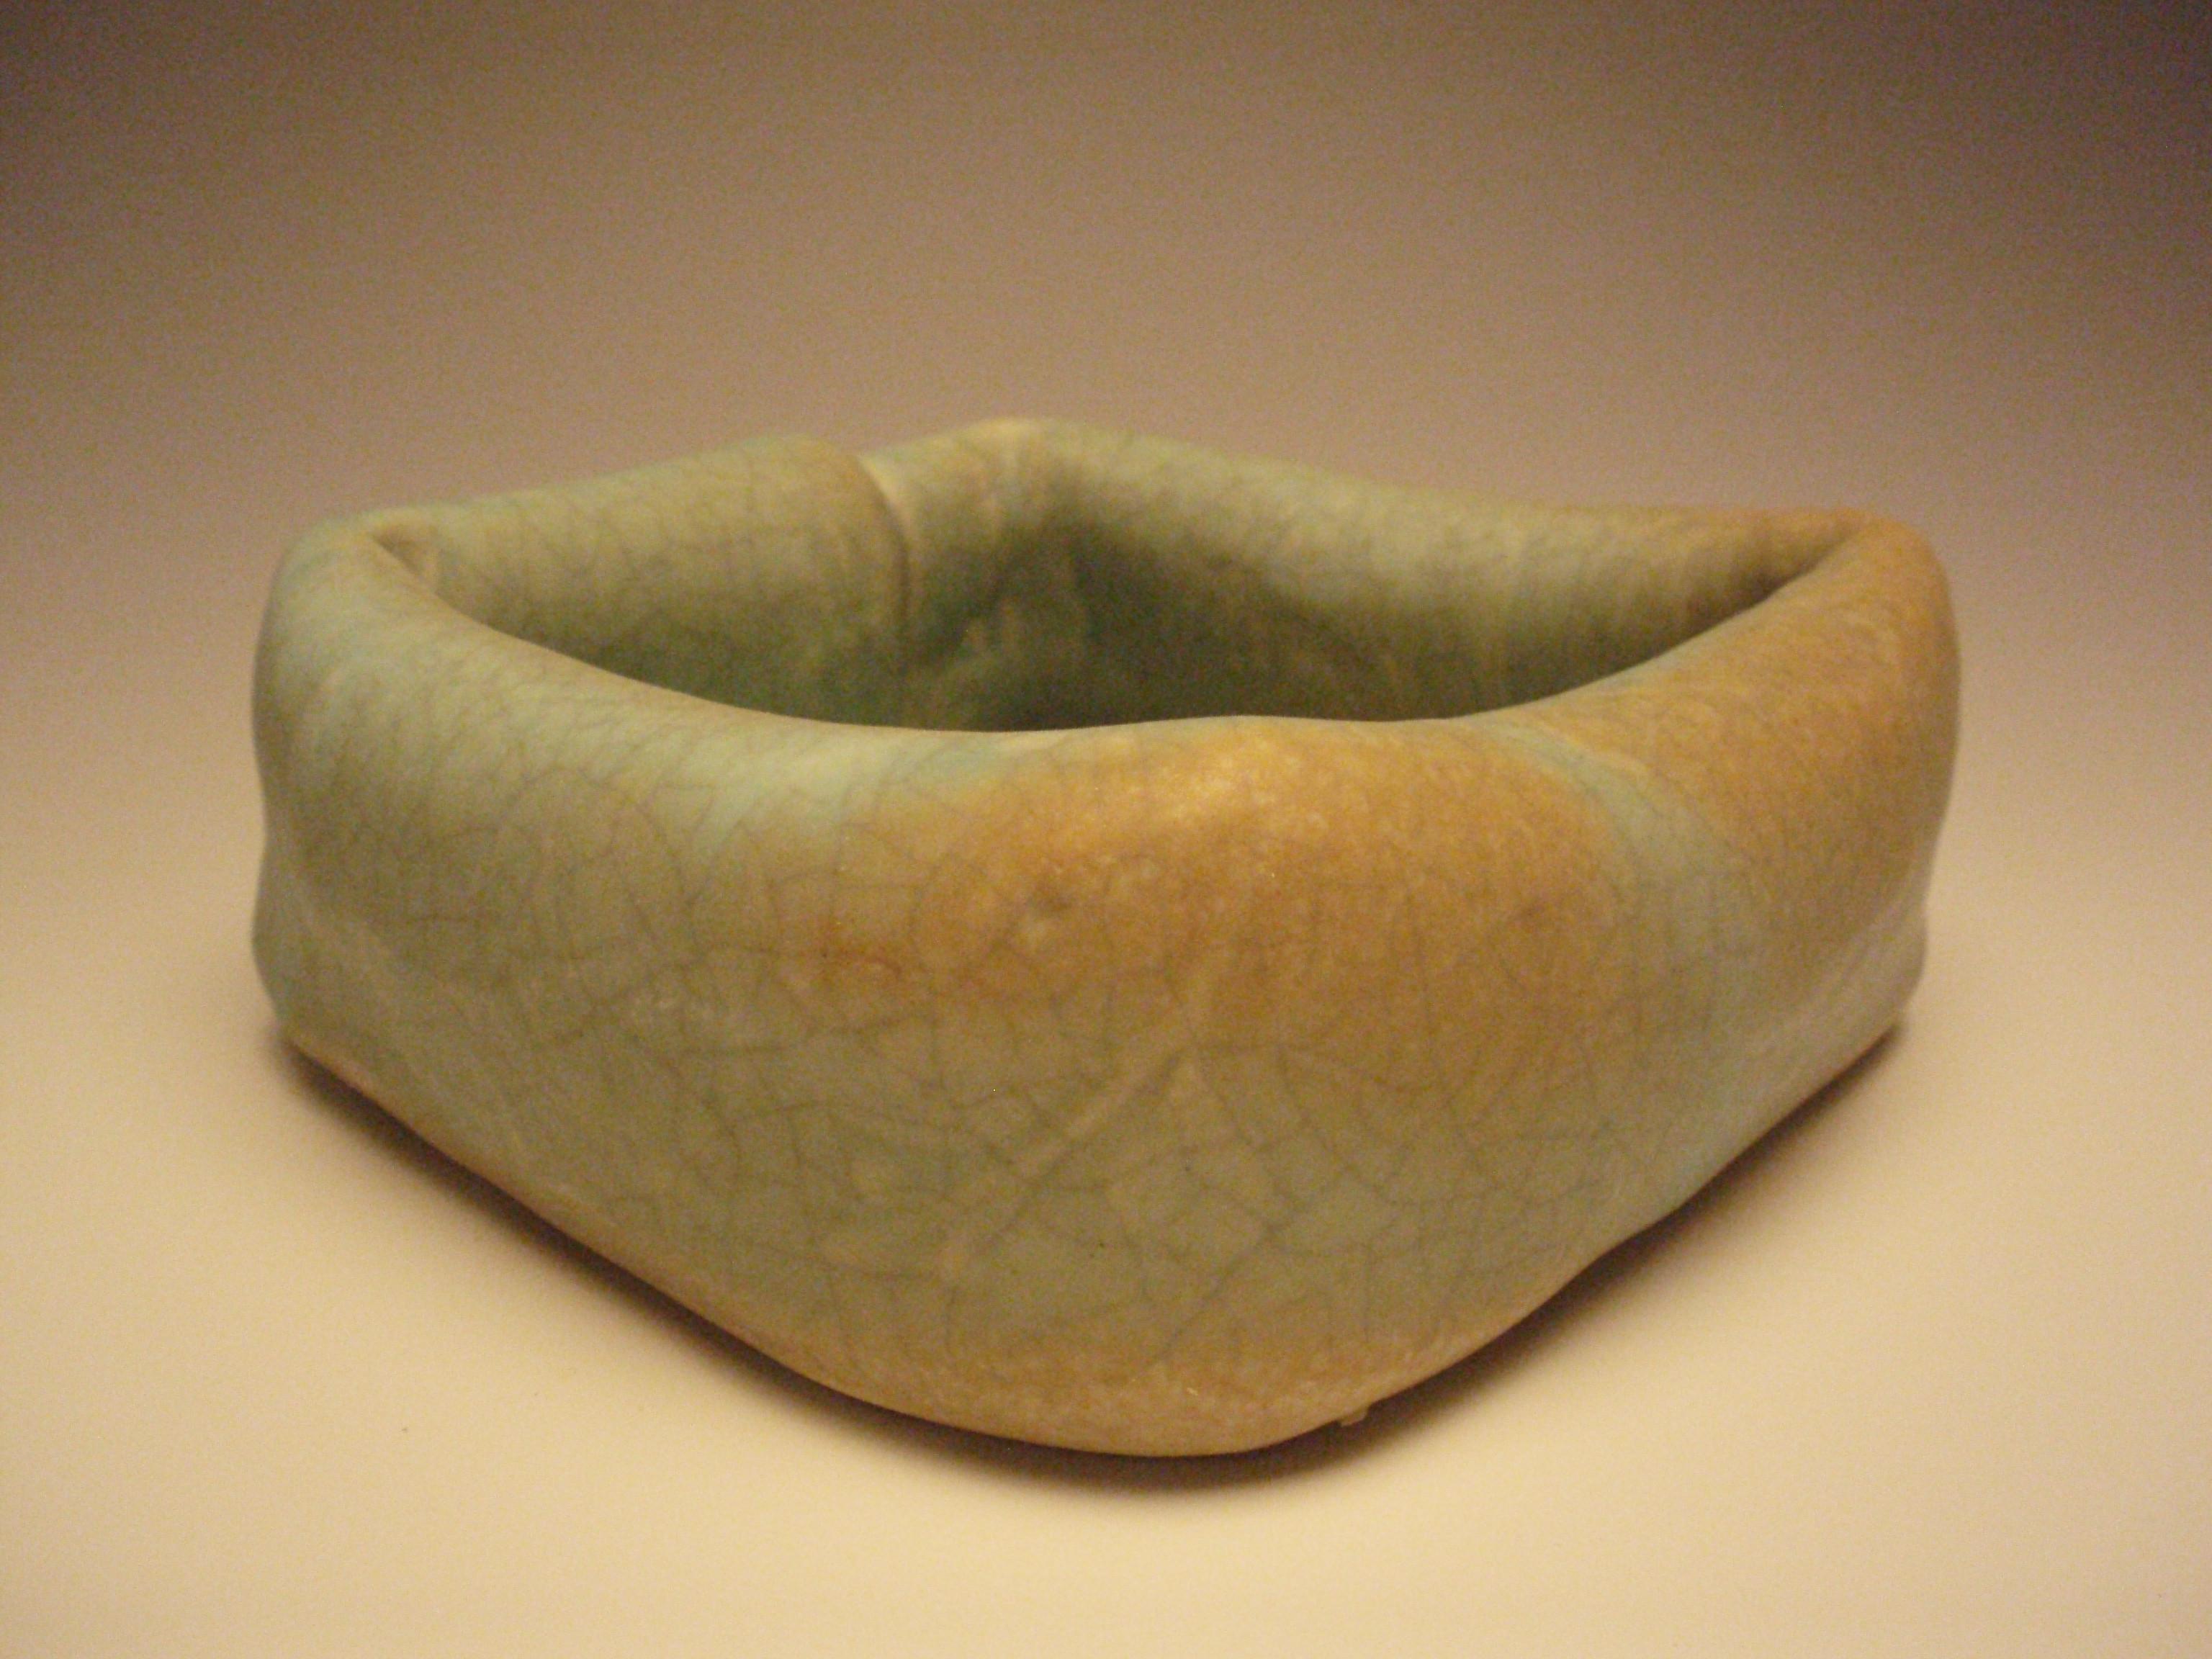 Green Pillow box, 2007